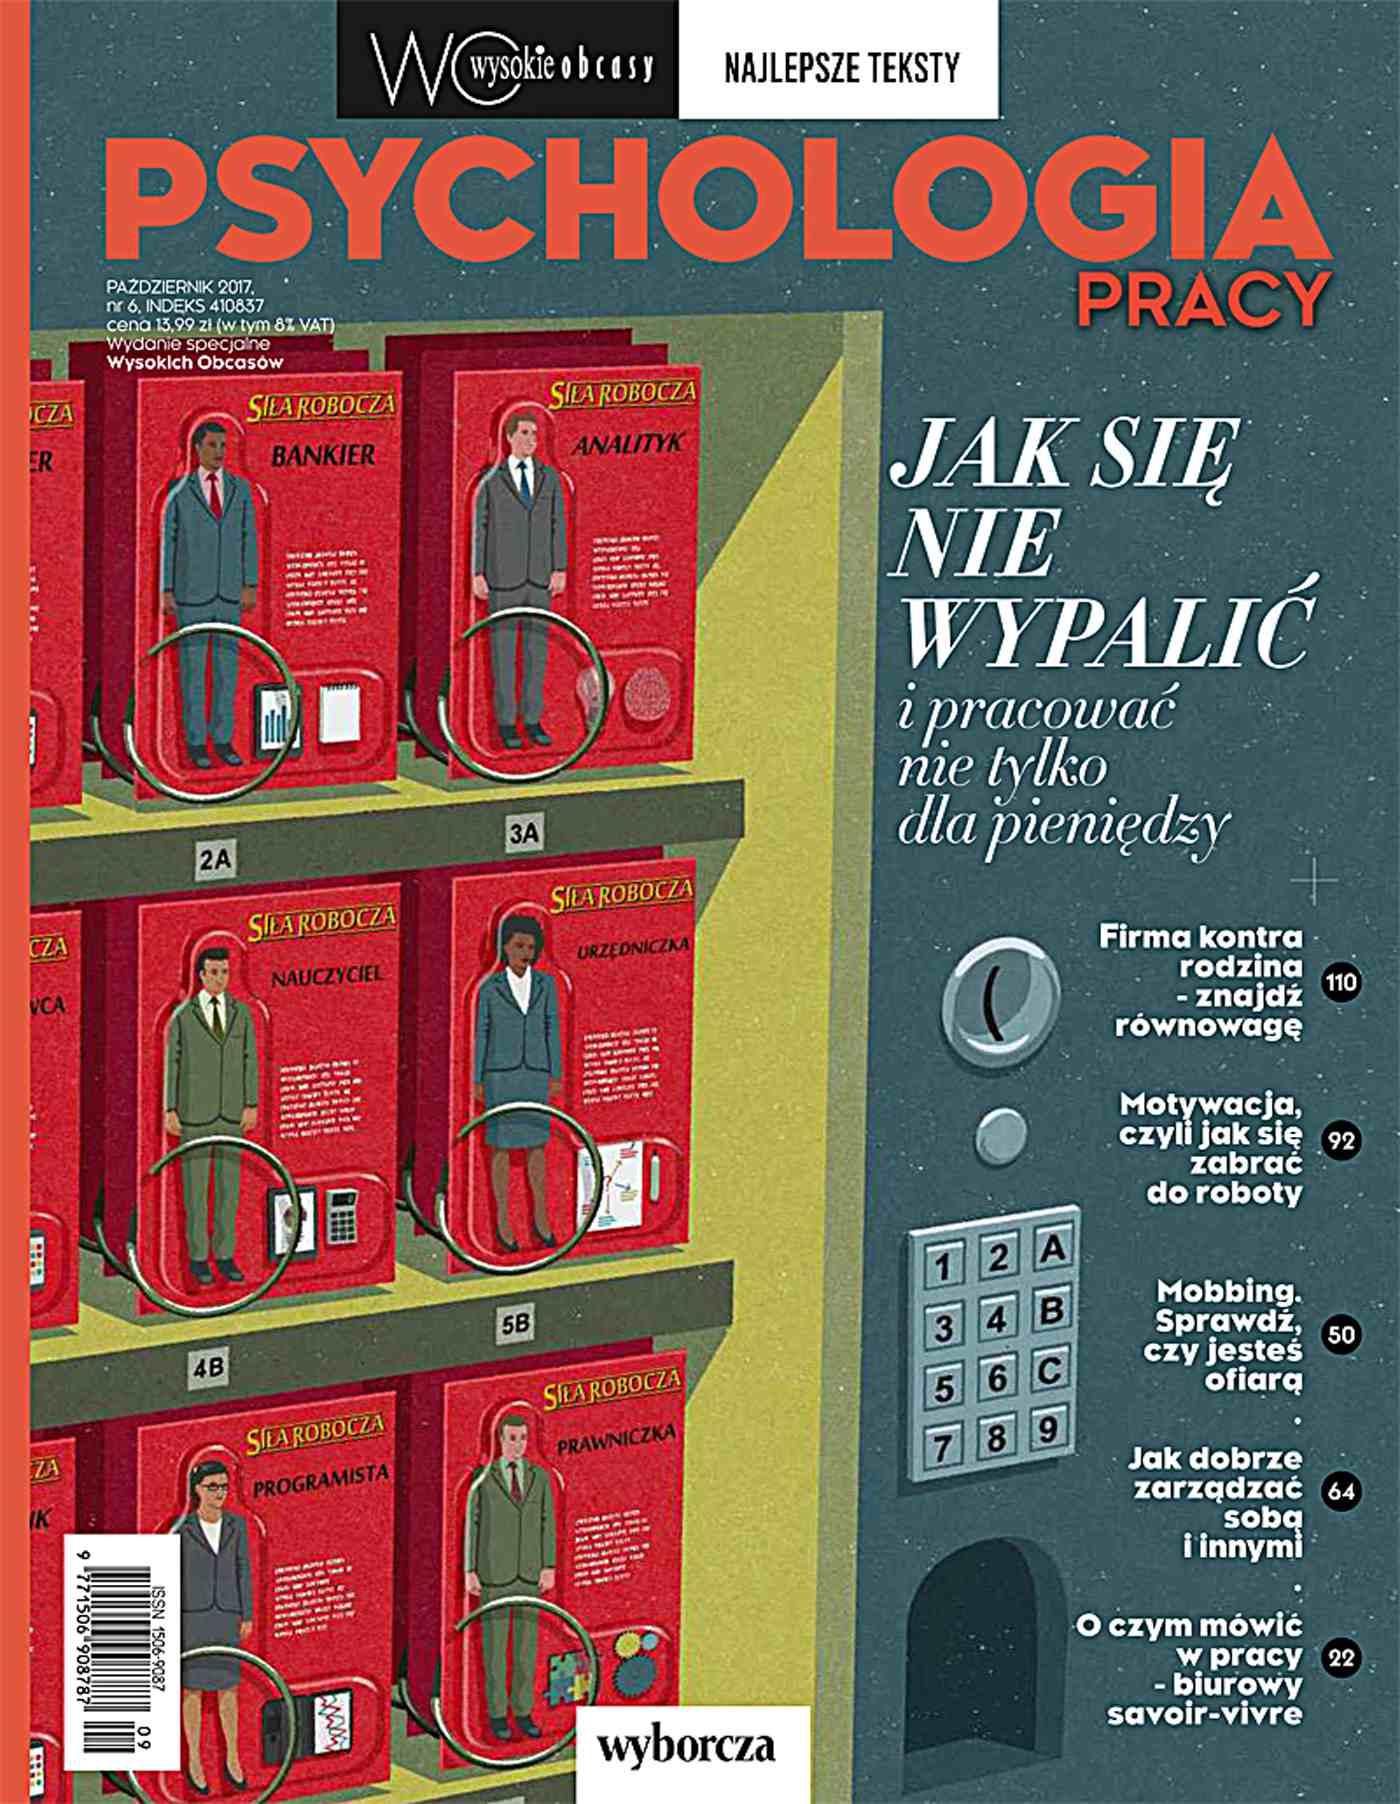 Psychologia pracy. Najlepsze teksty. Wysokie Obcasy. Wydanie Specjalne 5/2017 - Ebook (Książka PDF) do pobrania w formacie PDF